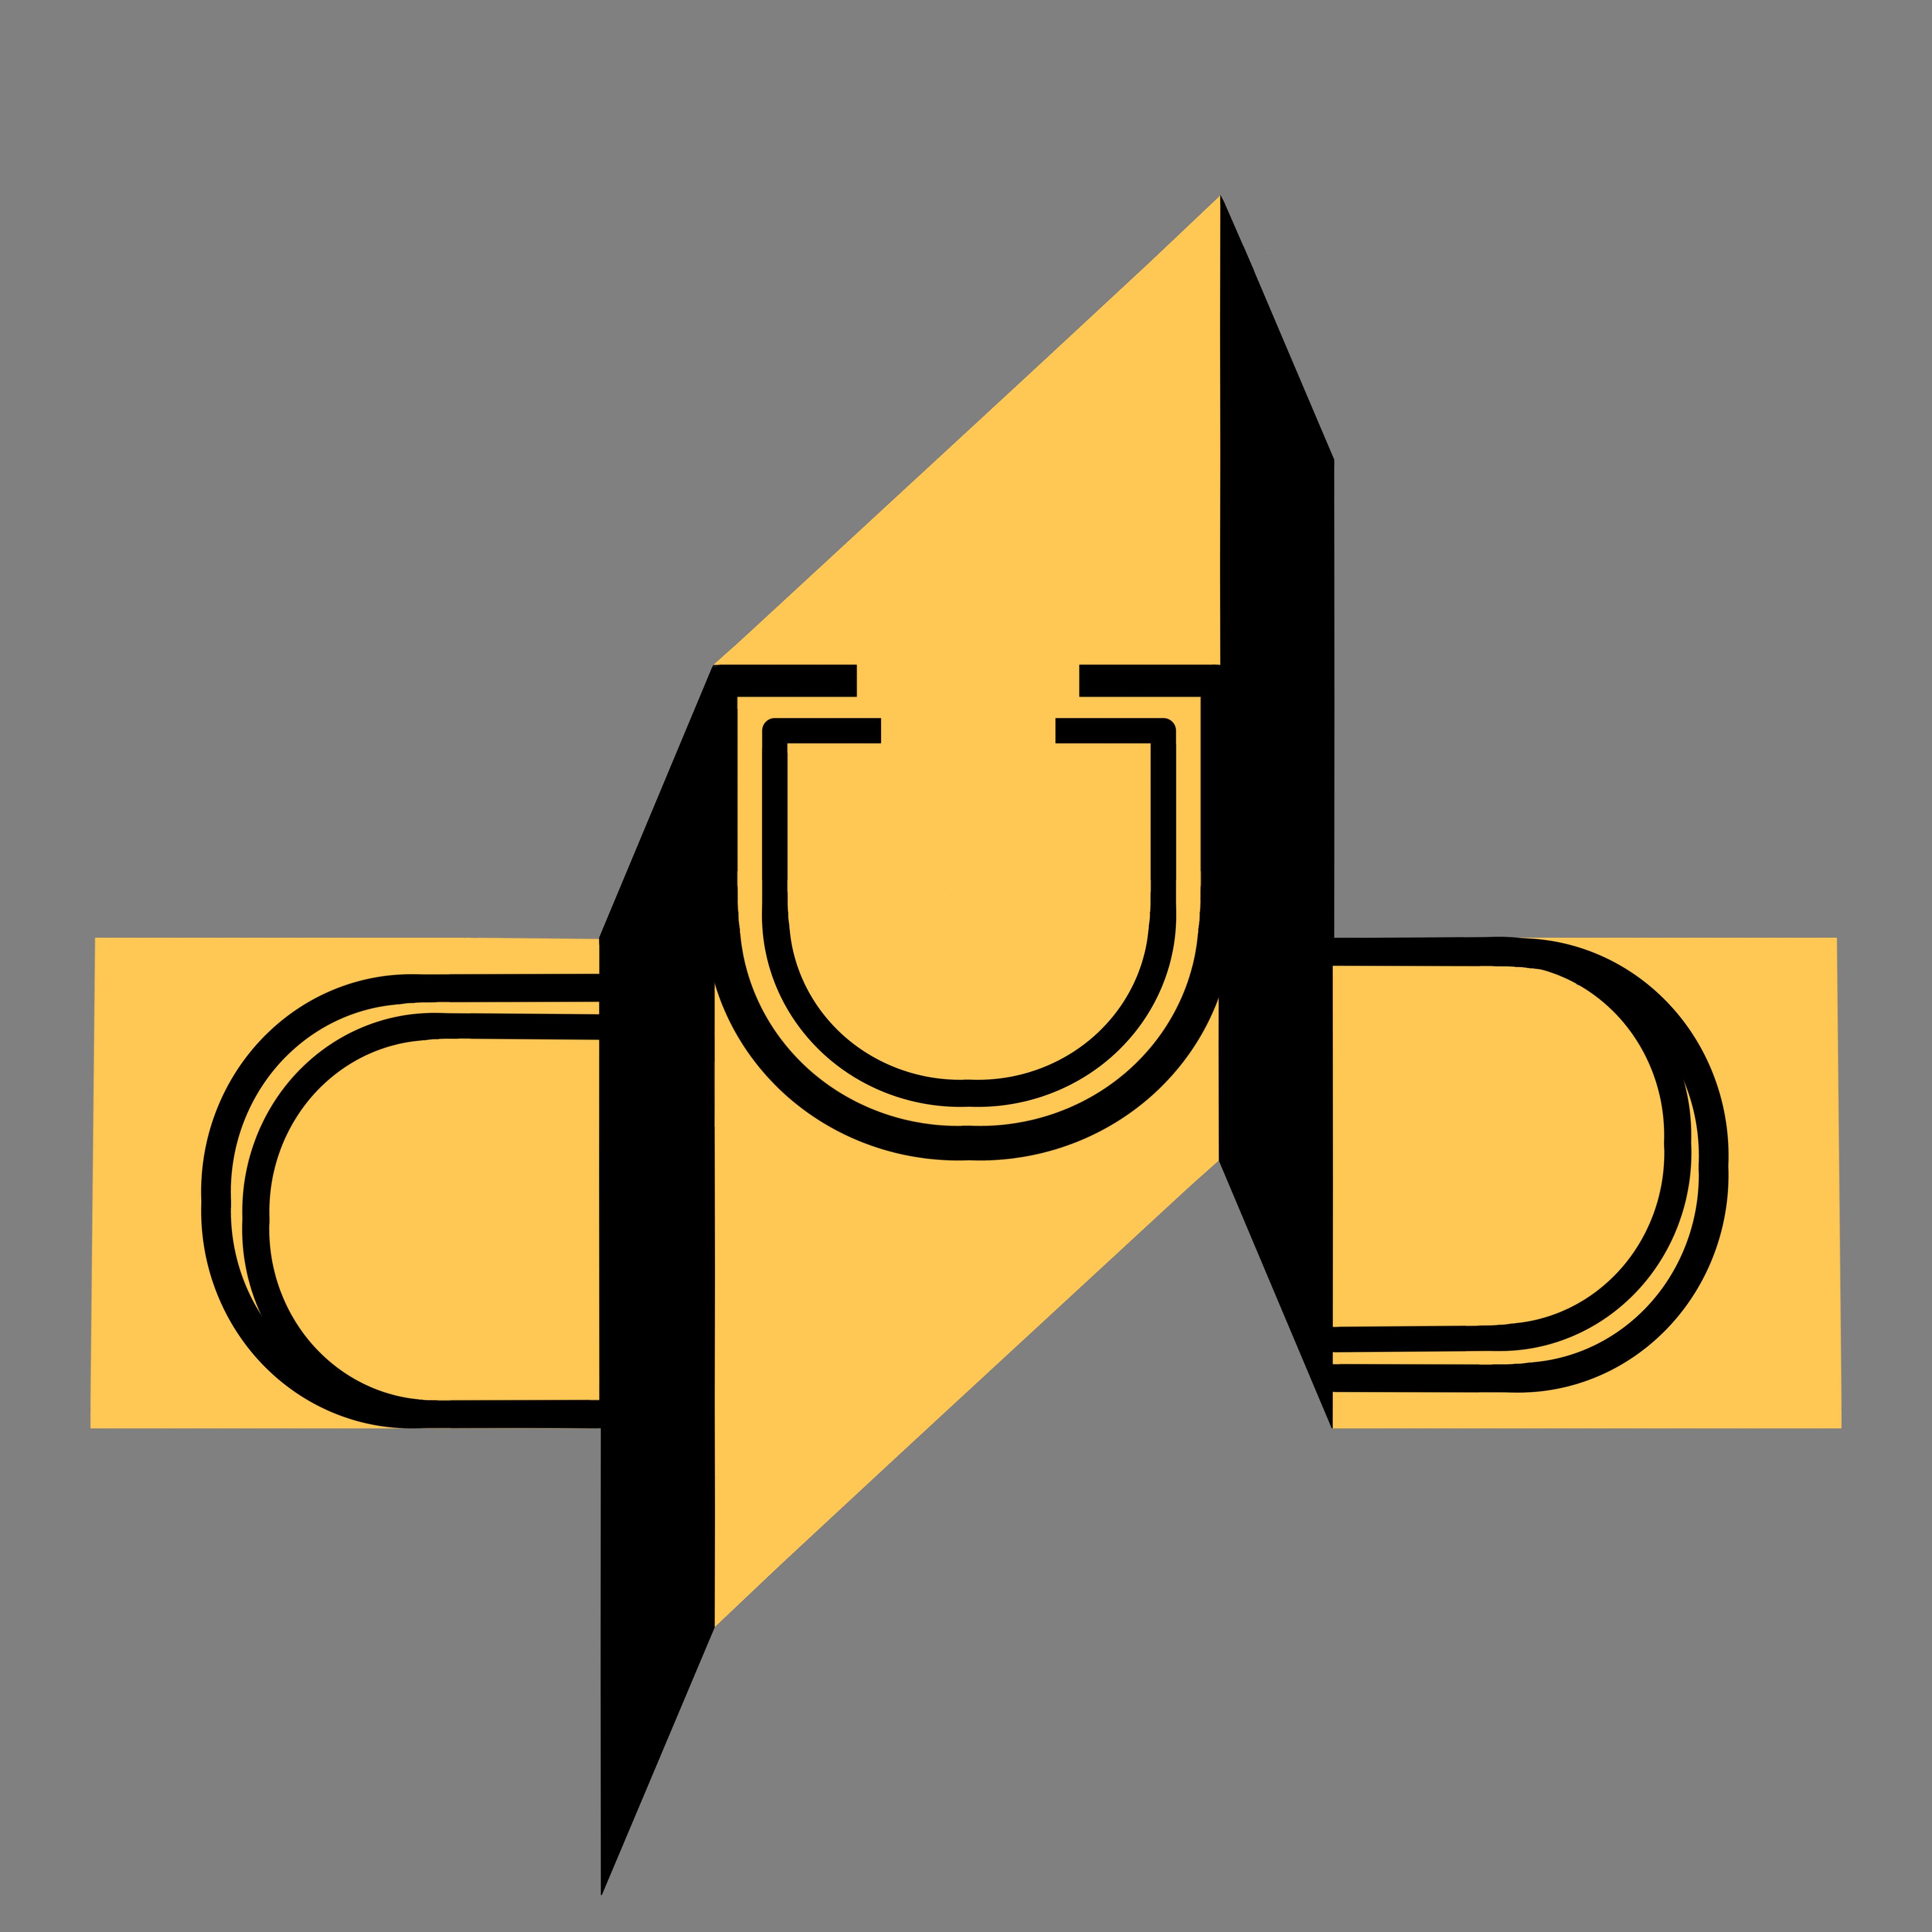 Разработка логотипа и фирменного стиля для ТМ фото f_4345f2129e892980.png